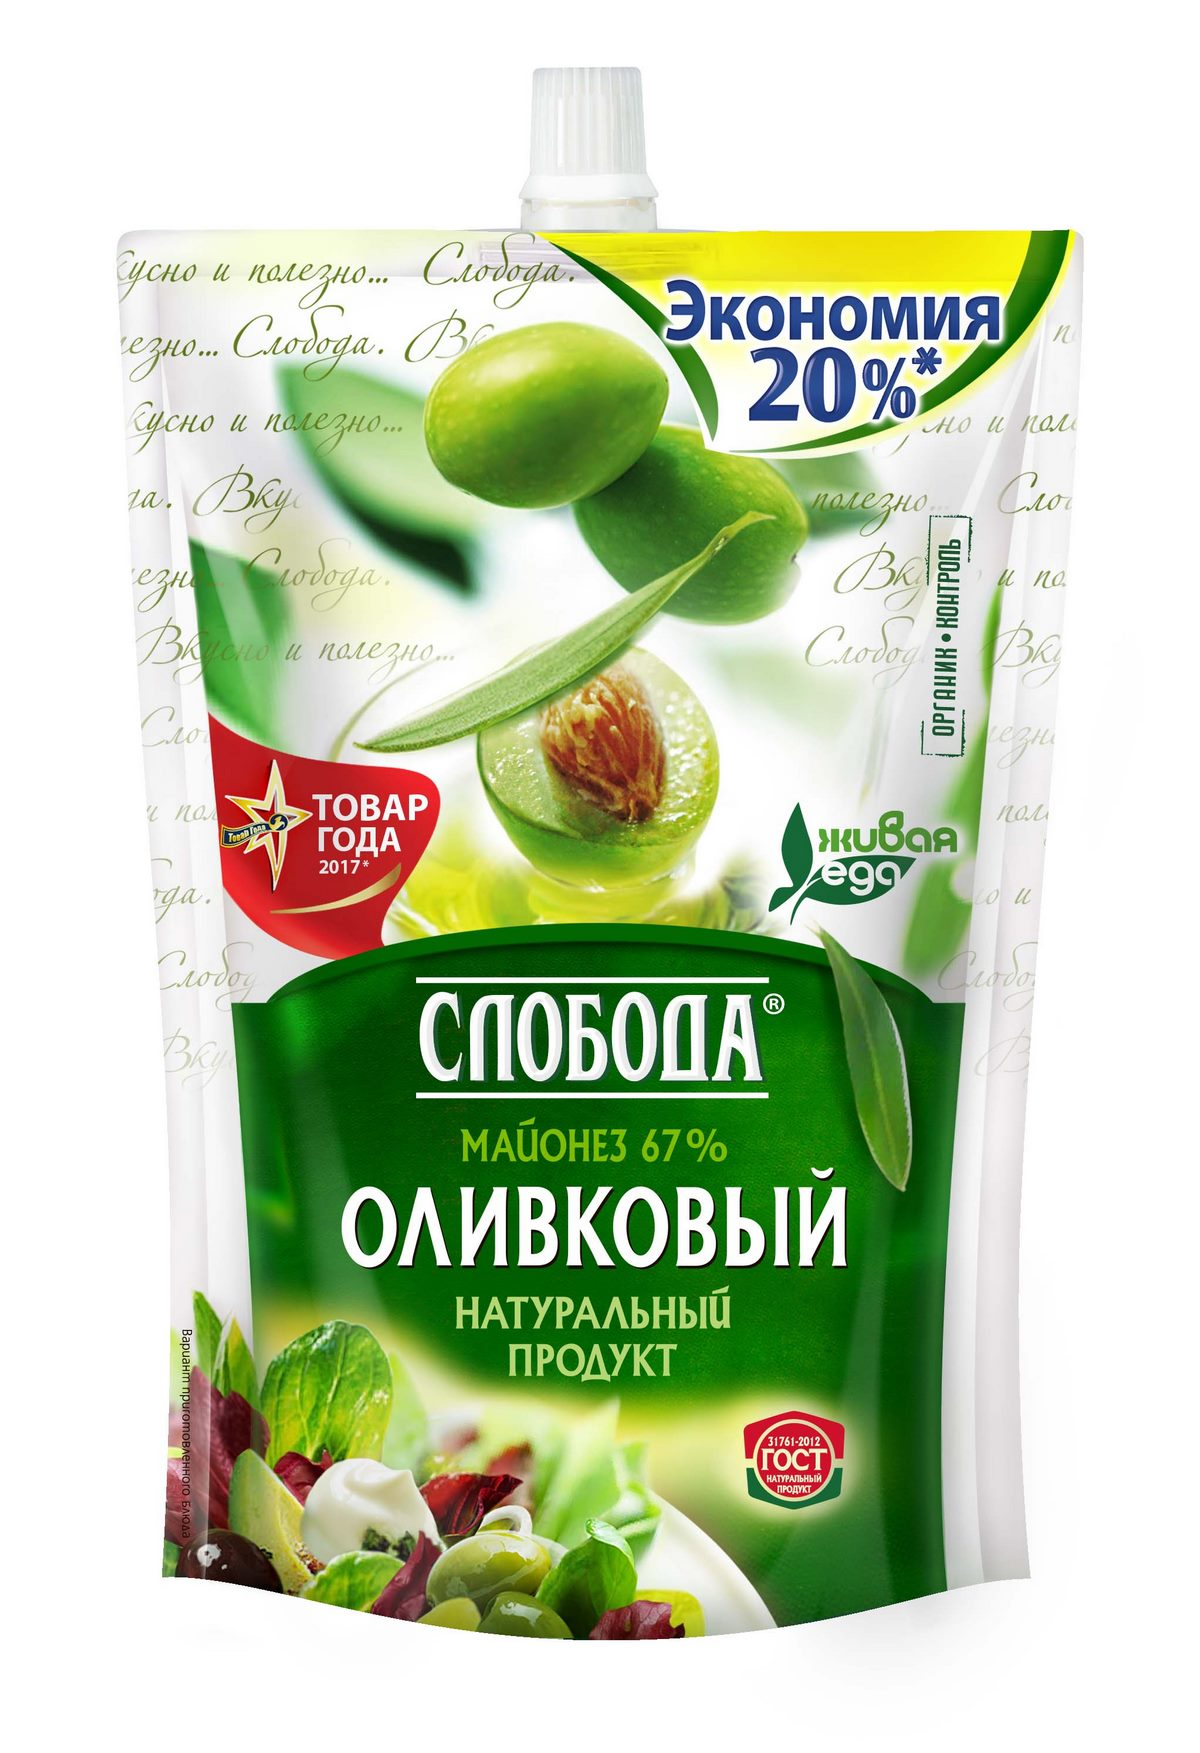 Фото - Слобода Майонез Оливковый 67% Слобода 0.75 кг. юрий слобода атлантида